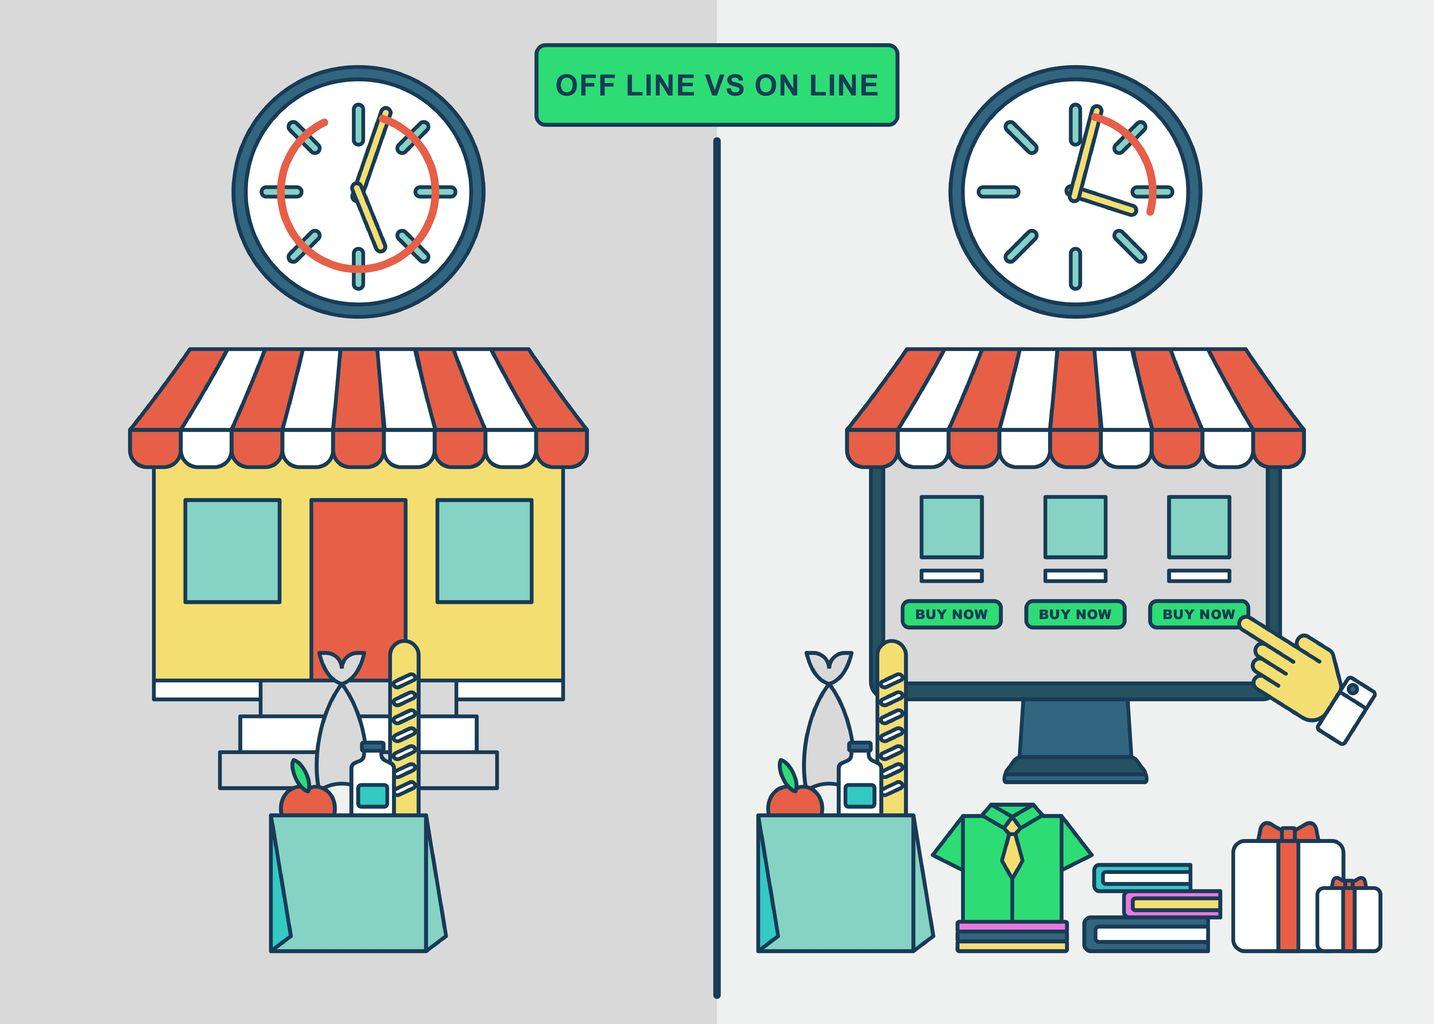 ¿Por qué los métodos de ventas tradicionales ya no son tan efectivos?